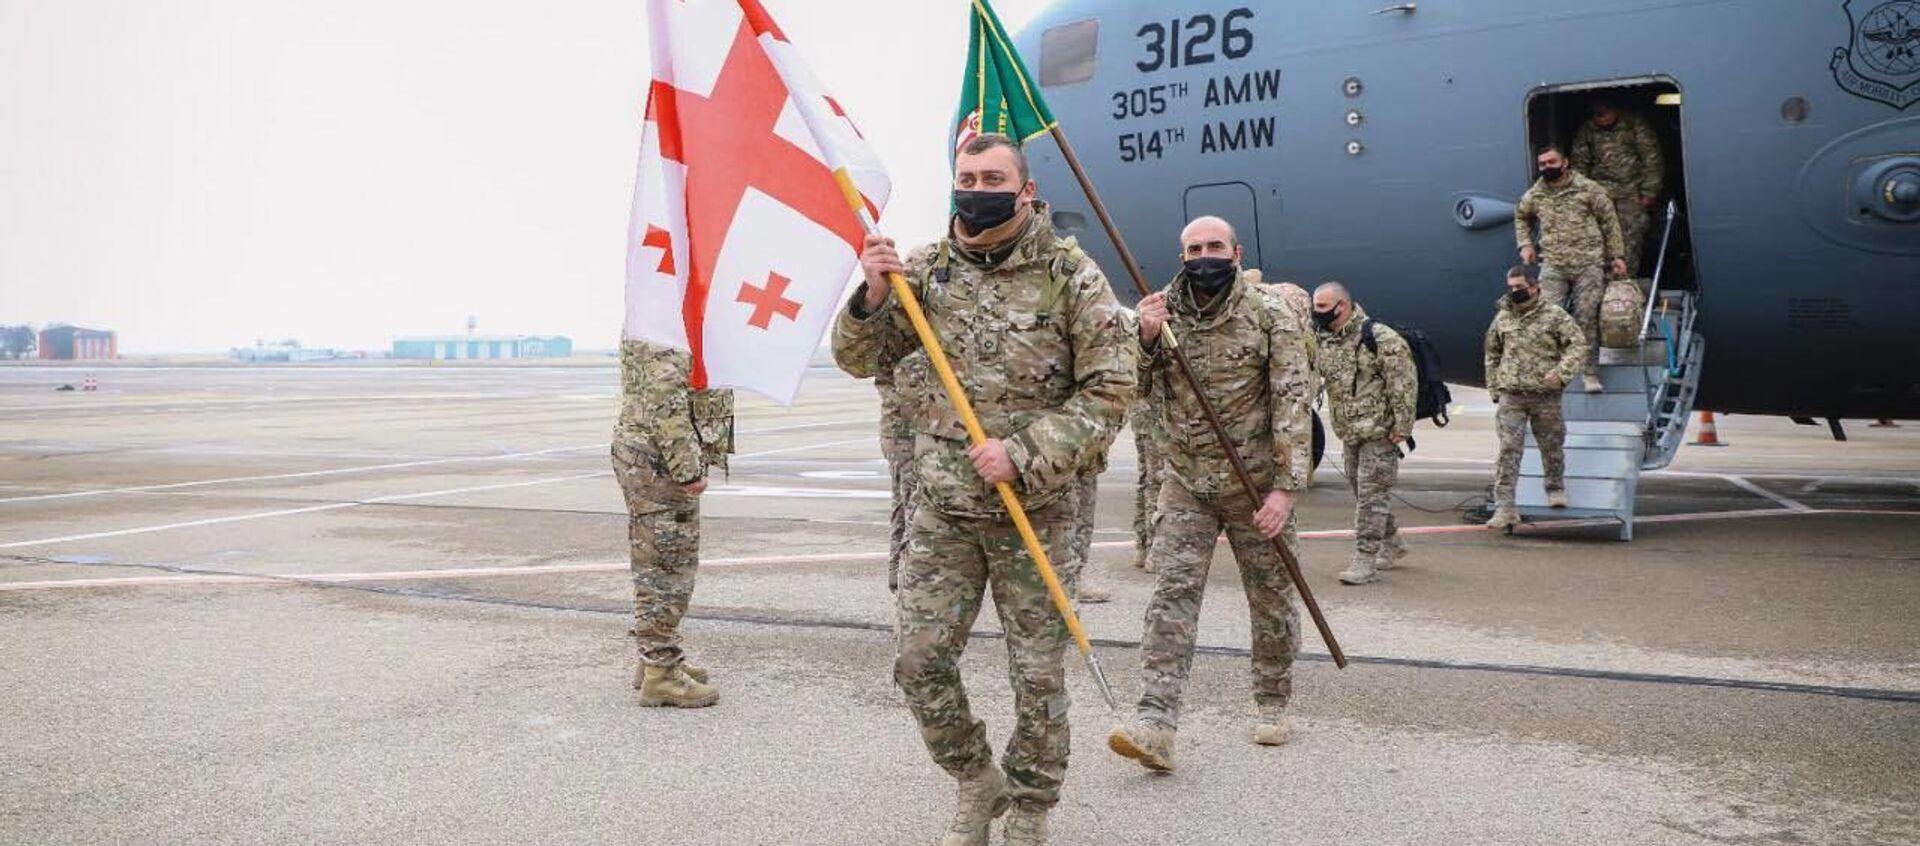 Грузинские миротворцы вернулись из Афганистана - Sputnik Грузия, 1920, 20.01.2021